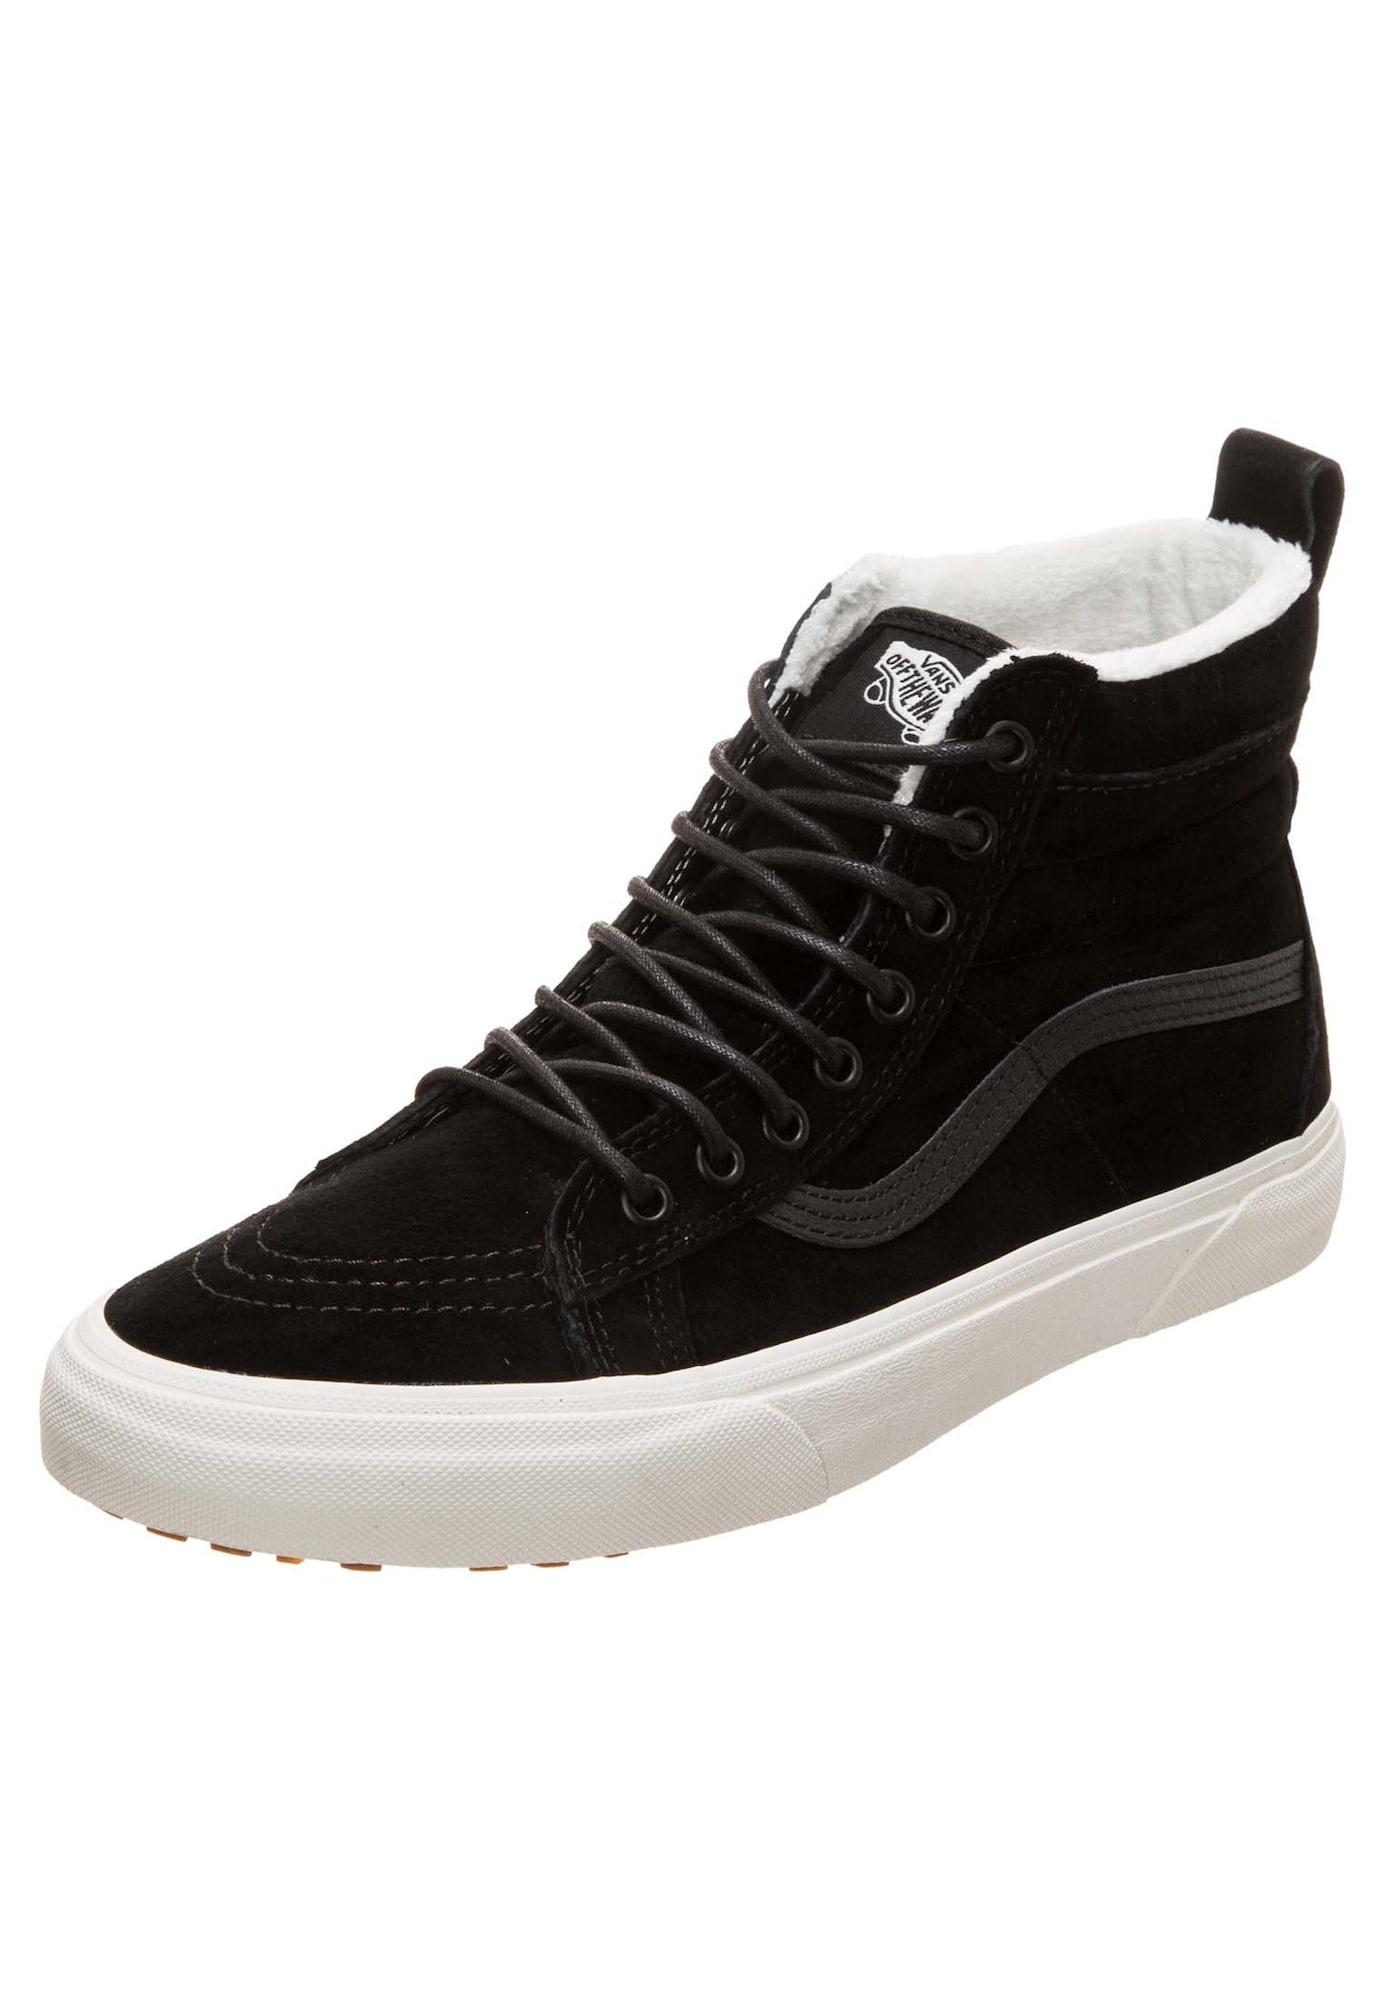 VANS, Dames Sneakers hoog 'Sk8-Hi MTE', zwart